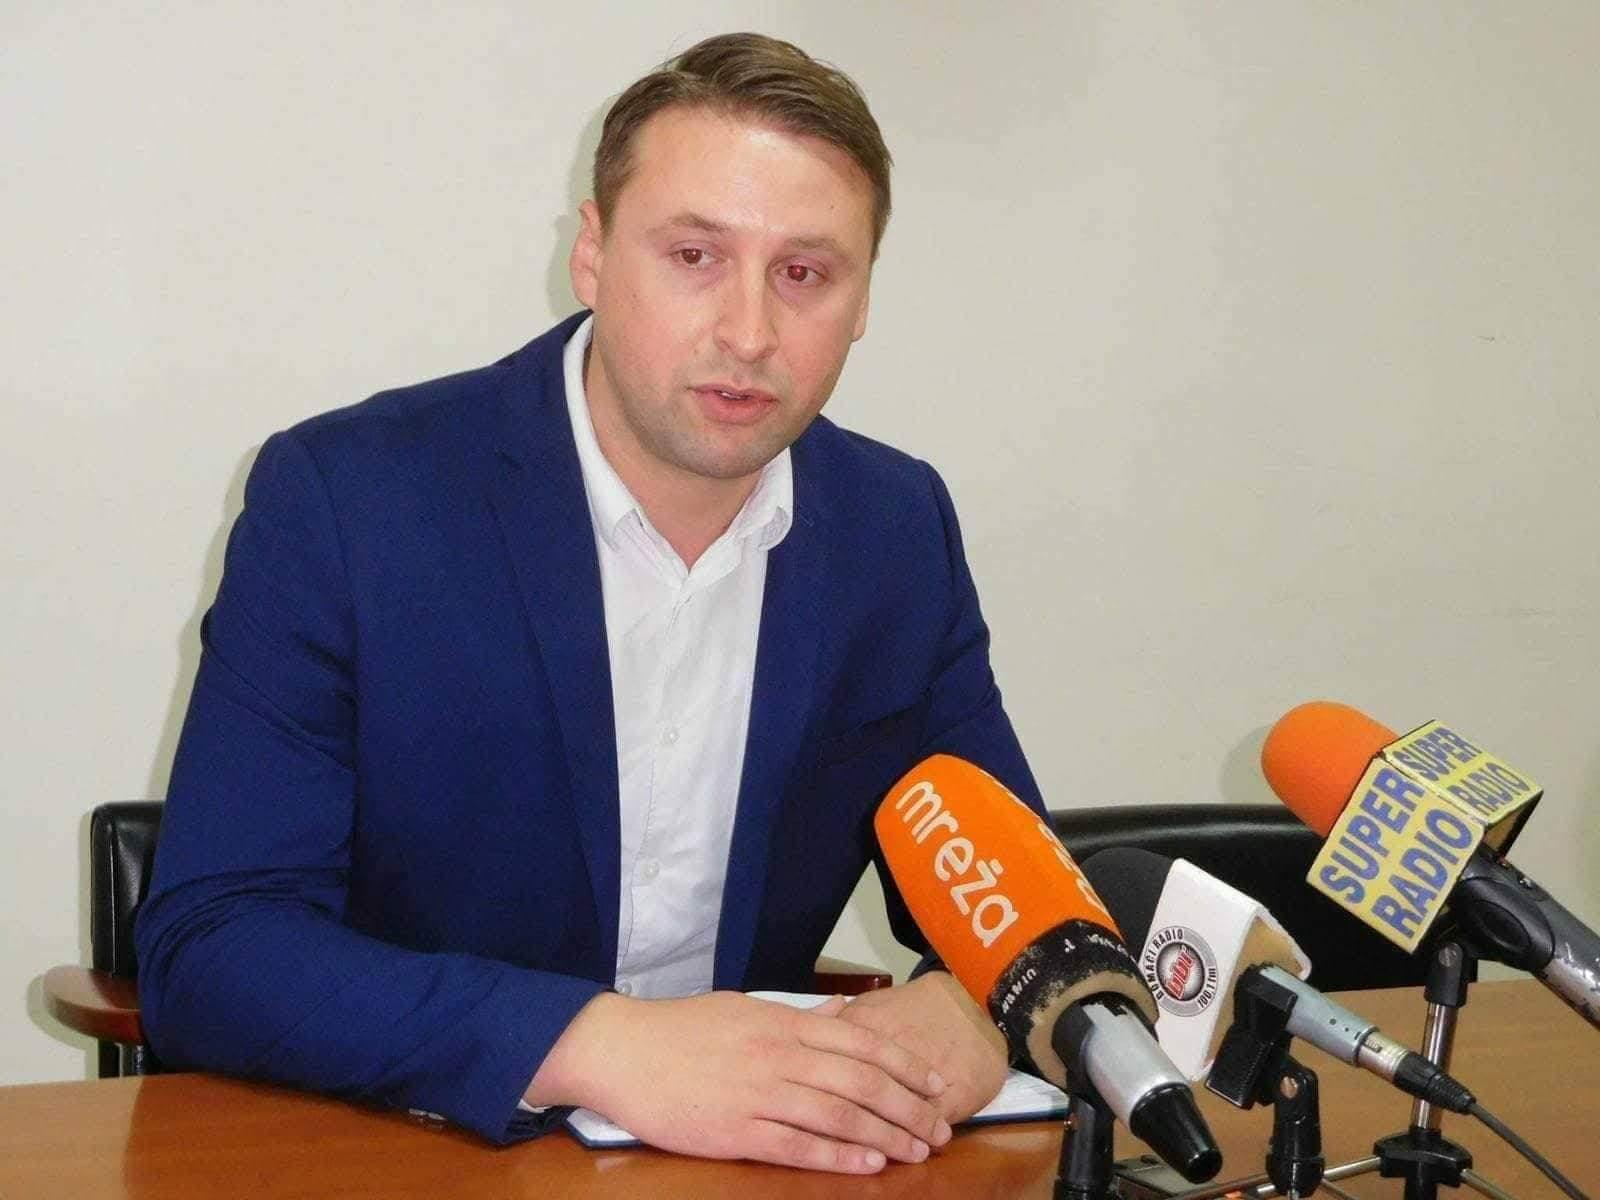 Igor Brajdić